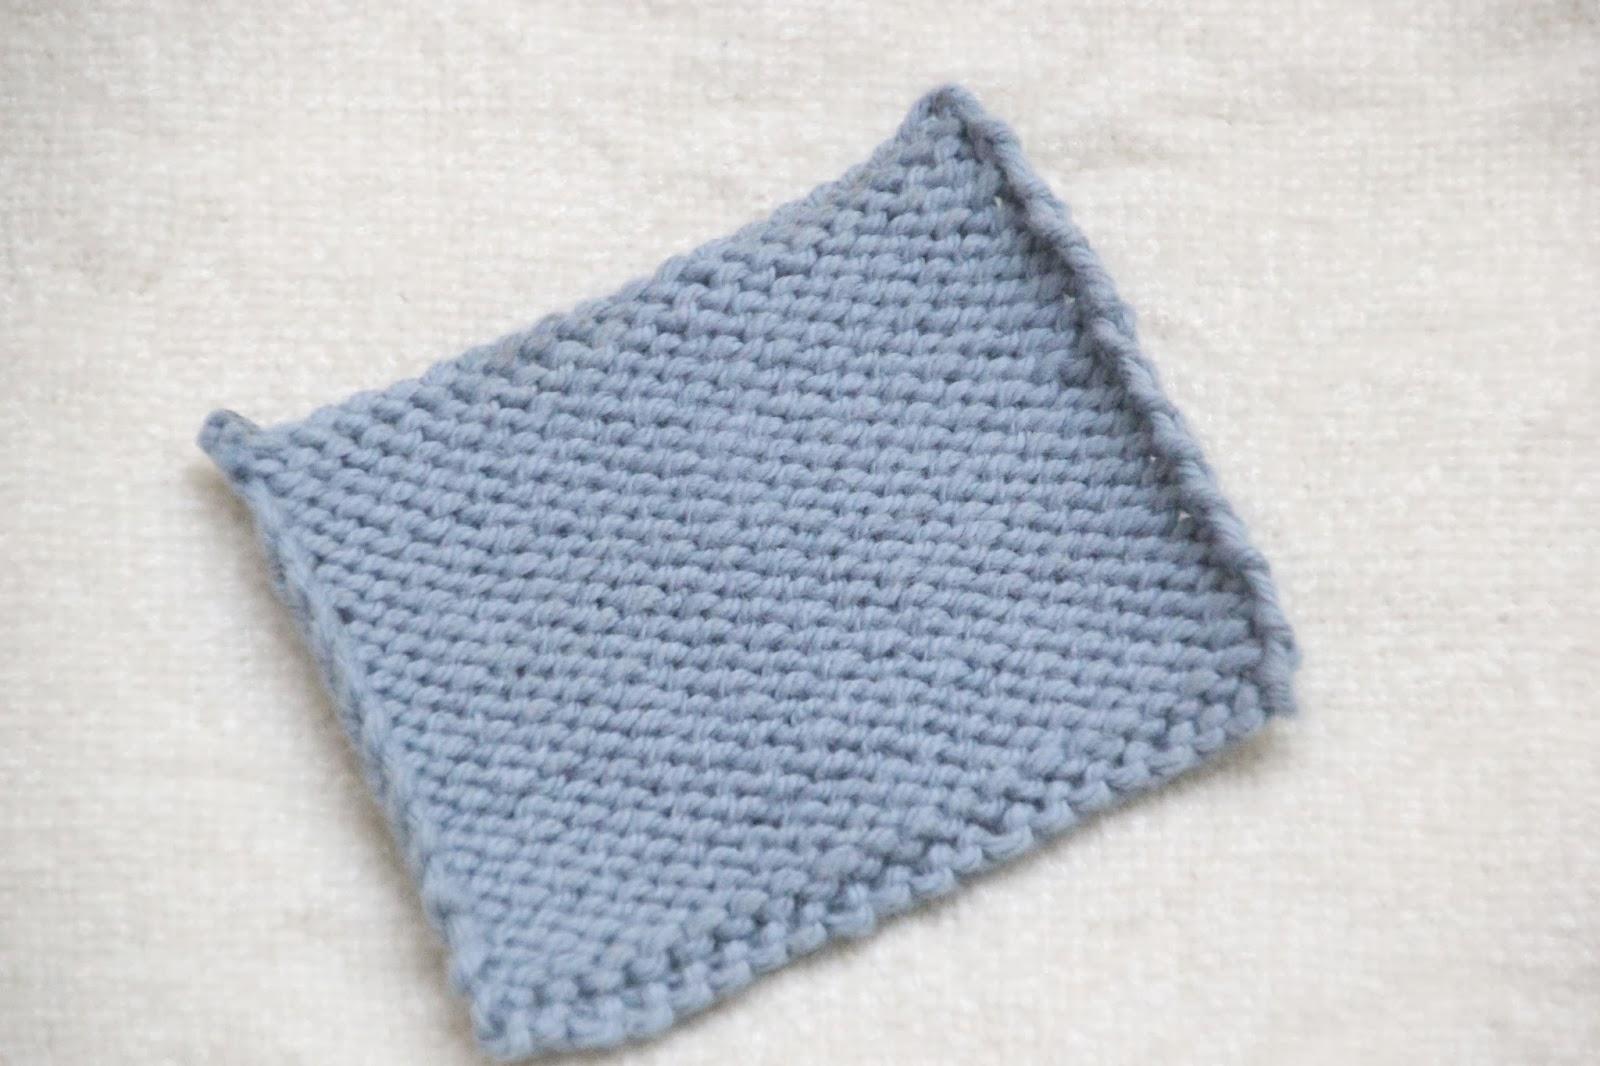 curso aprender a tejer punto jersey punto media. Blog costura y diy.